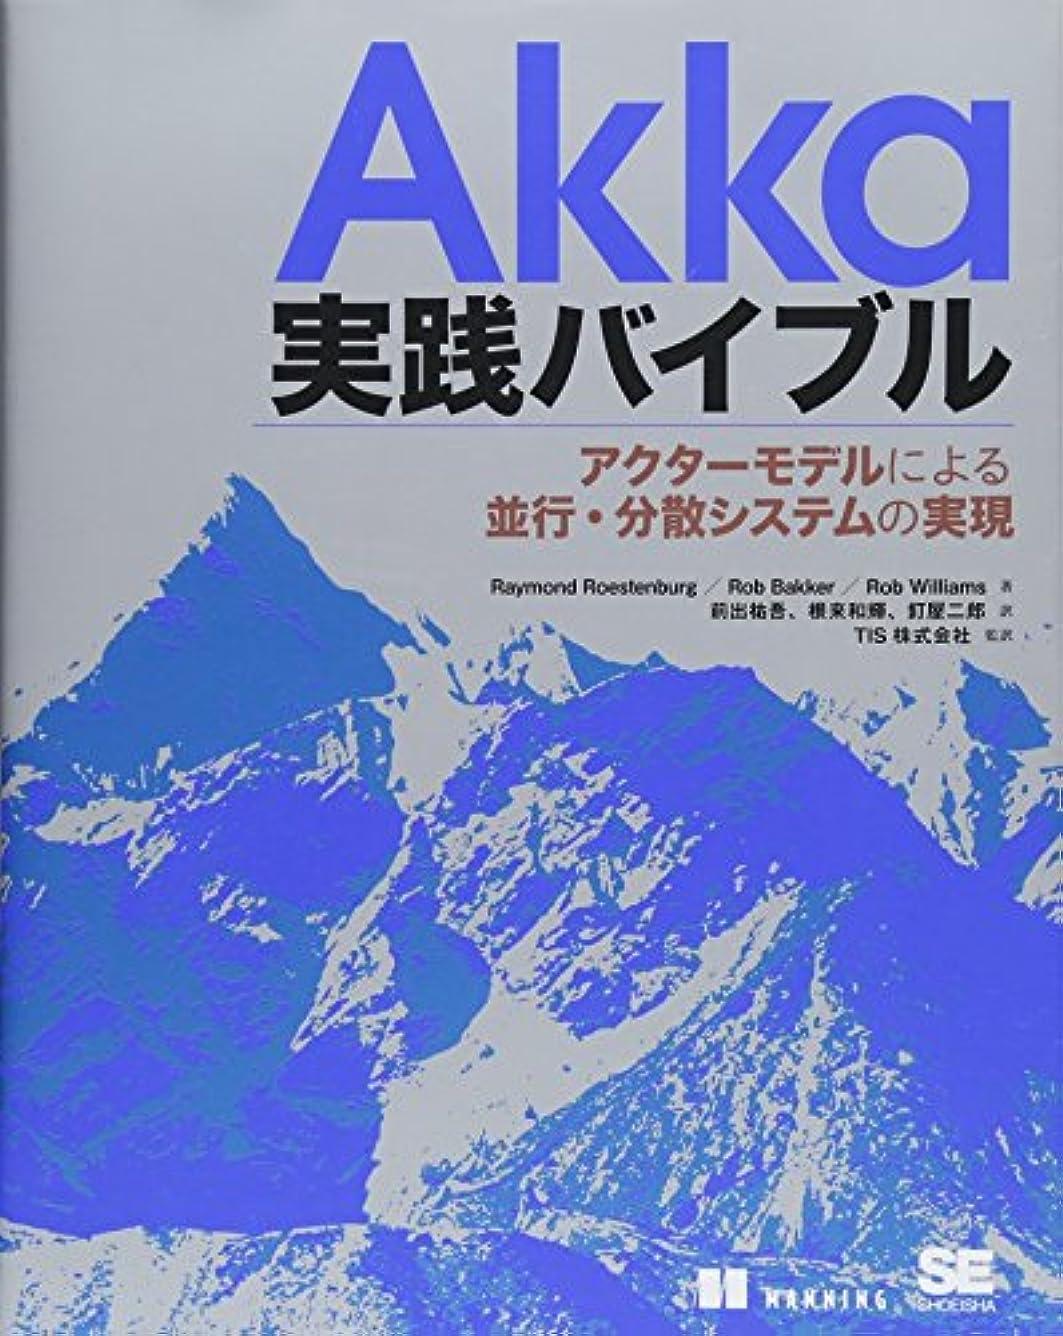 時刻表消す農奴Akka実践バイブル アクターモデルによる並行?分散システムの実現